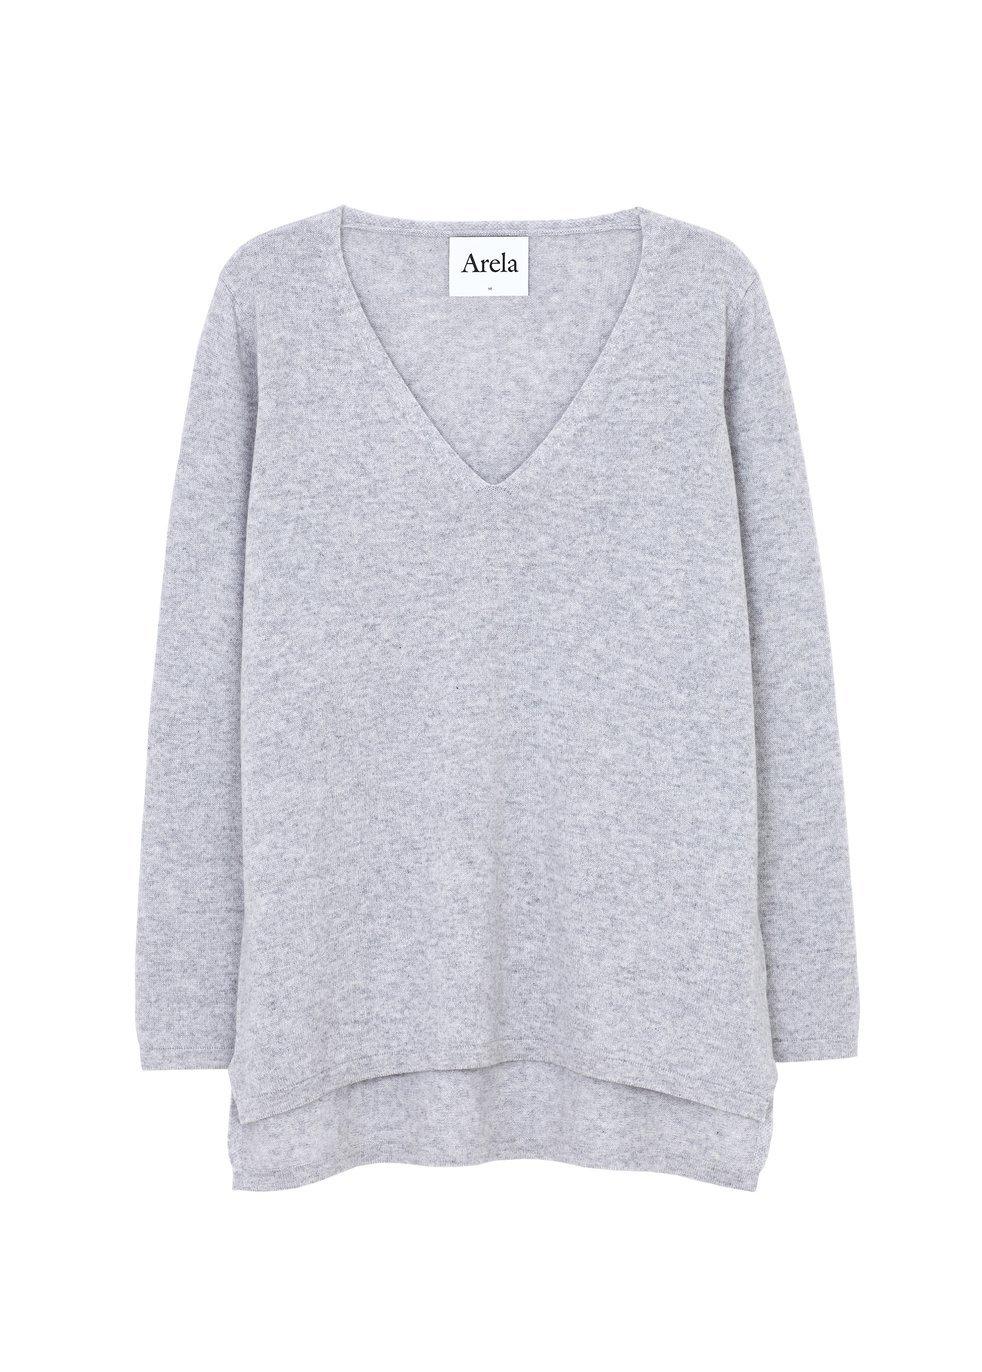 ARELA Vija Cashmere Sweater In Light Grey